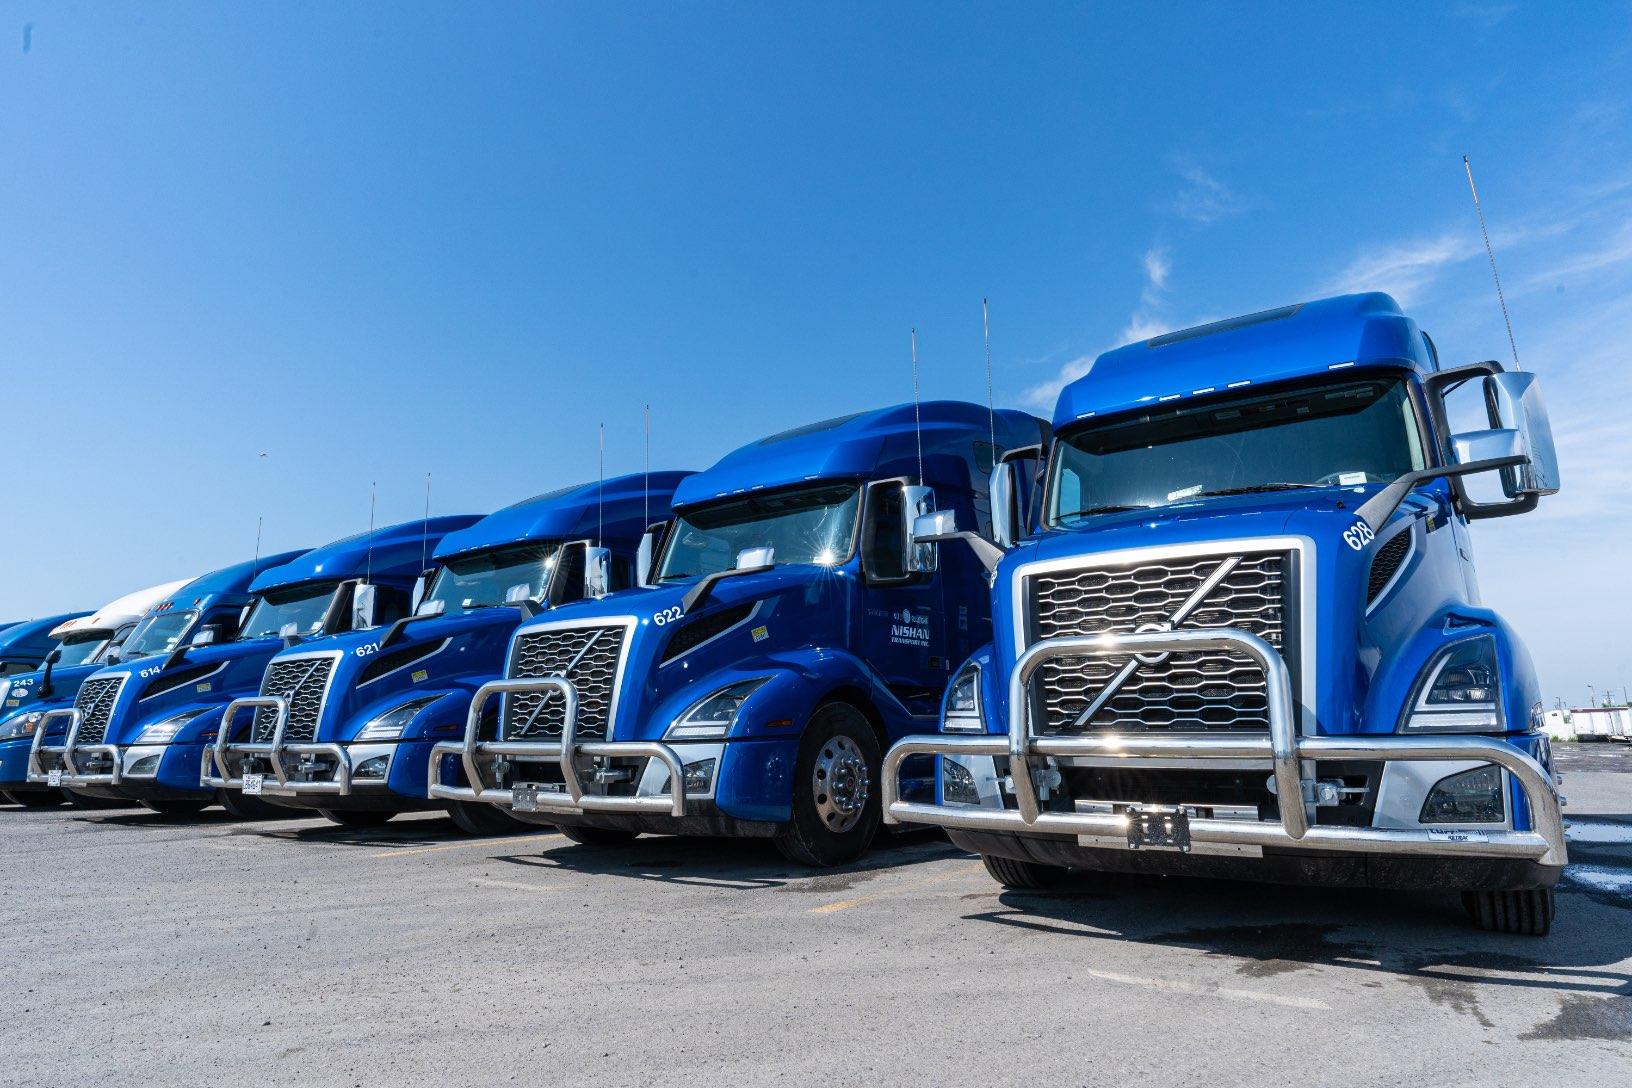 Photographe d'agence Web | Camions bleus alignés